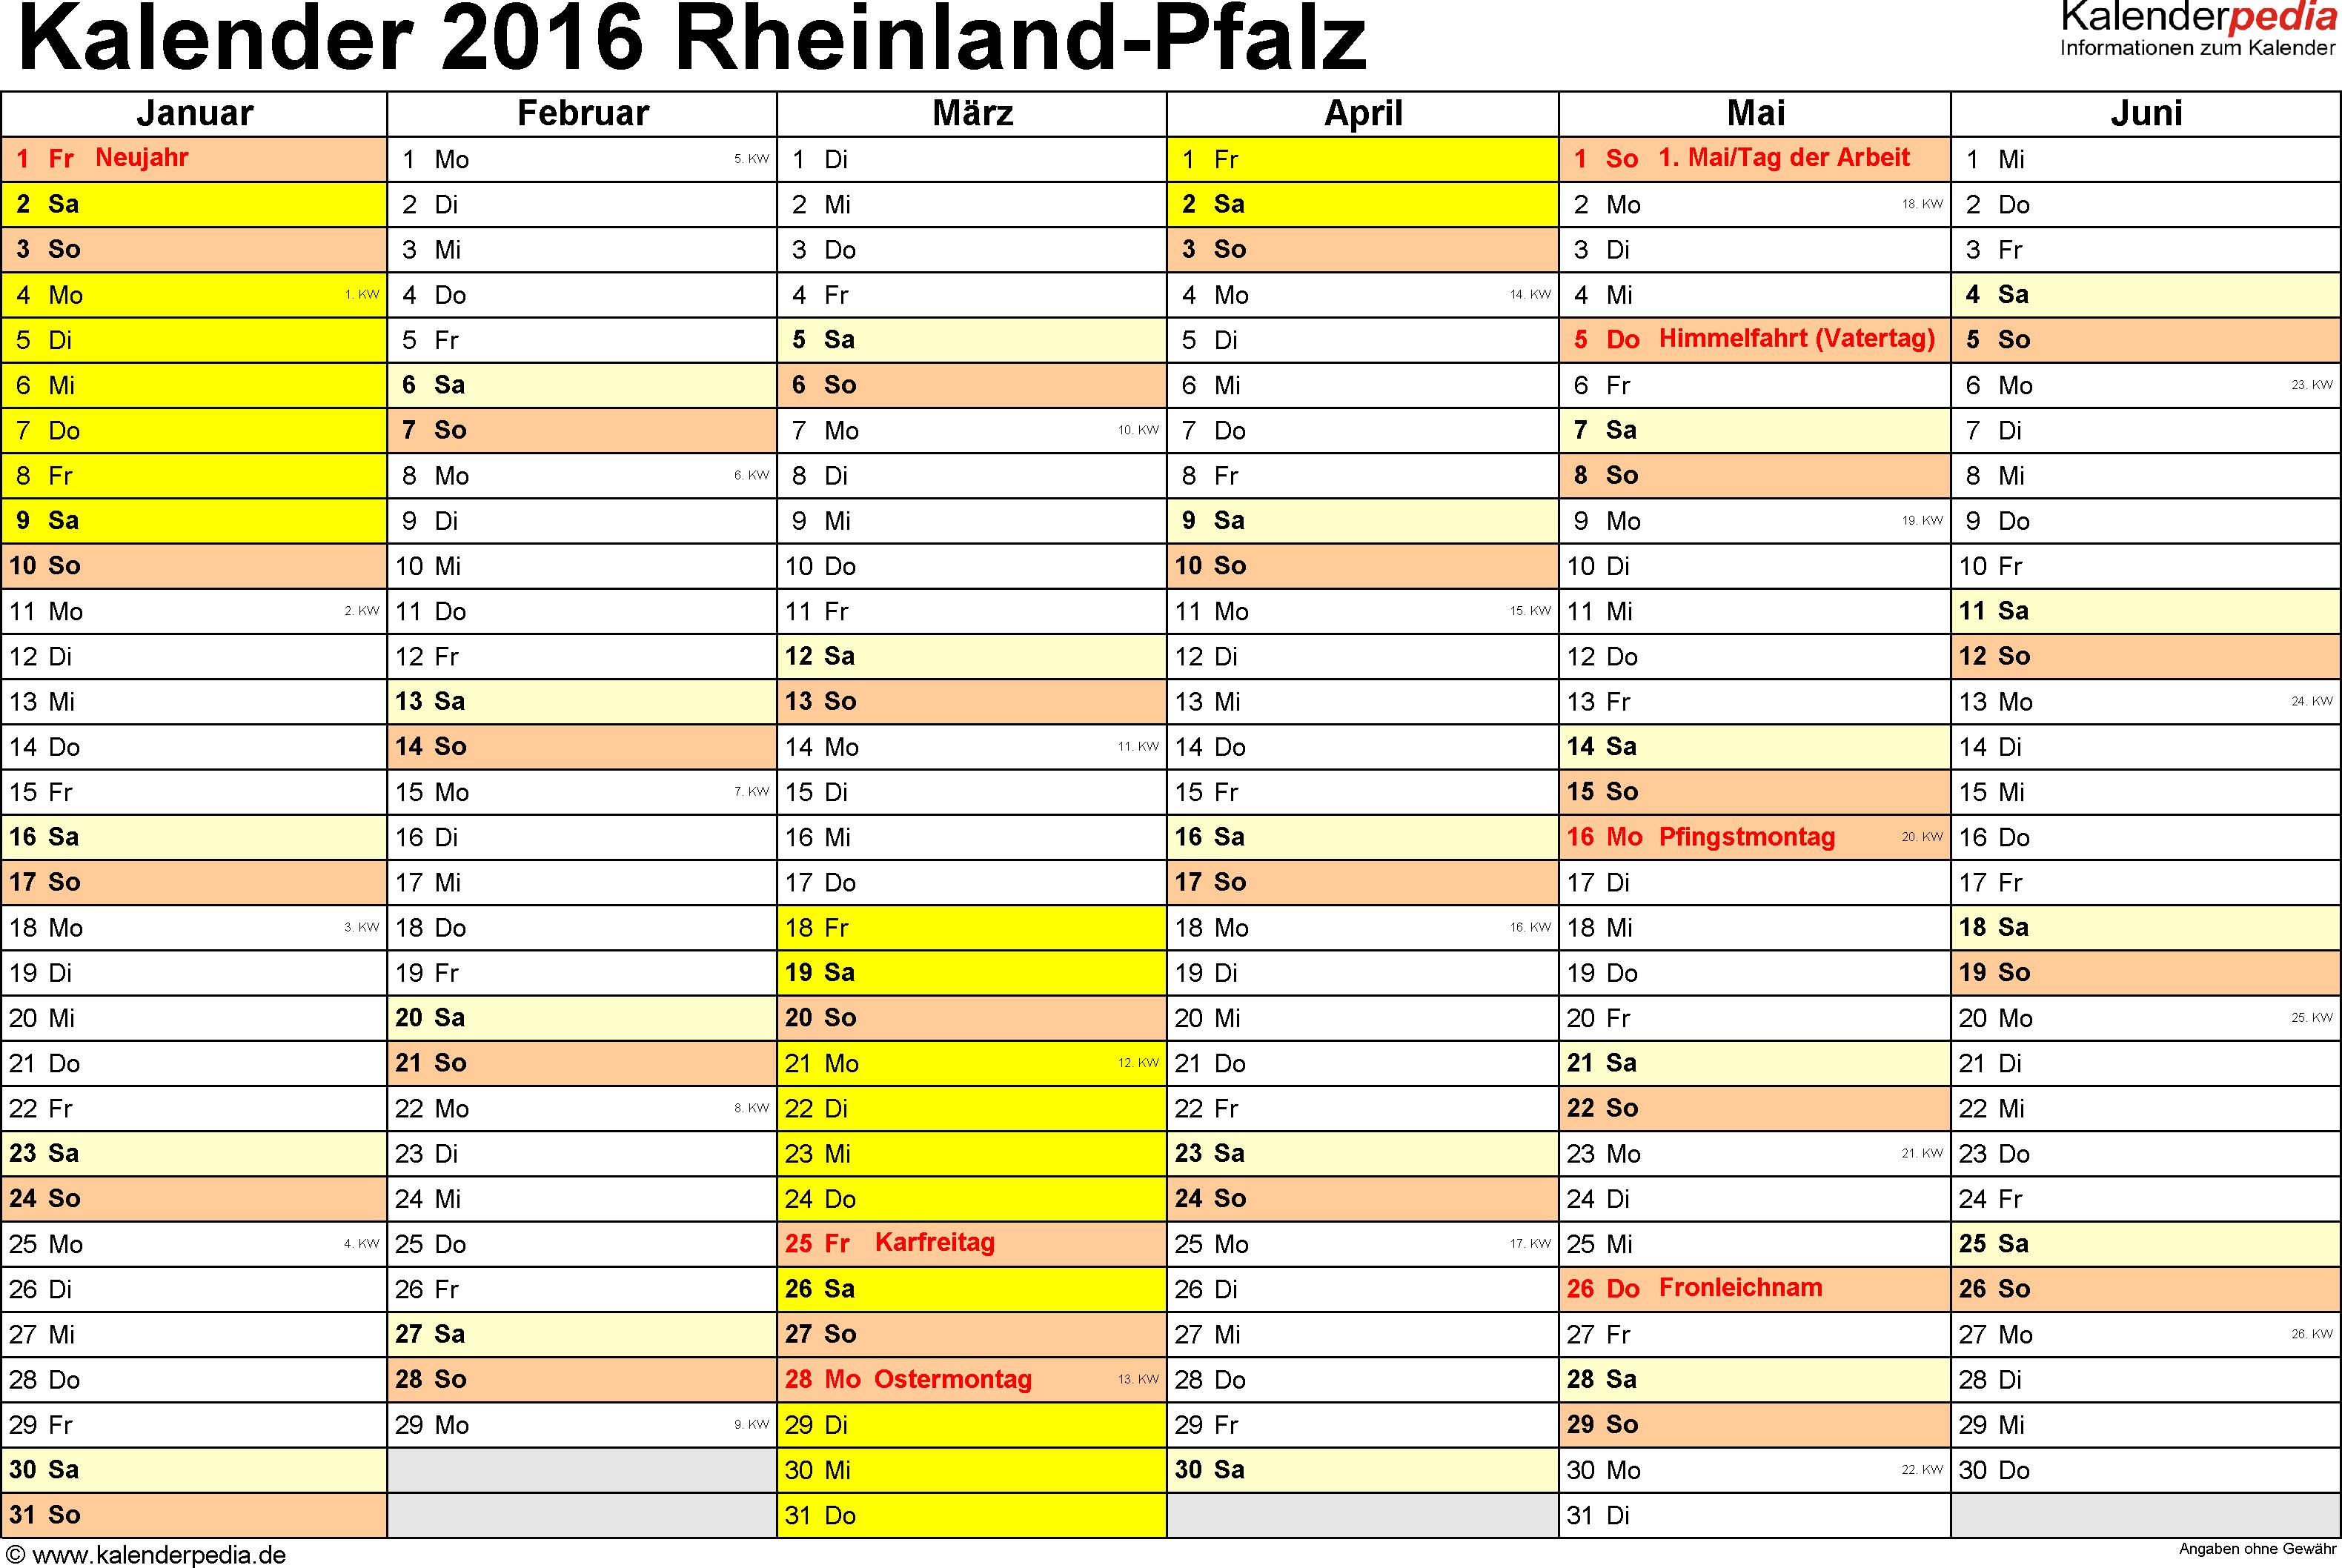 Vorlage 2: Kalender 2016 für Rheinland-Pfalz als Excel-Vorlage (Querformat, 2 Seiten)